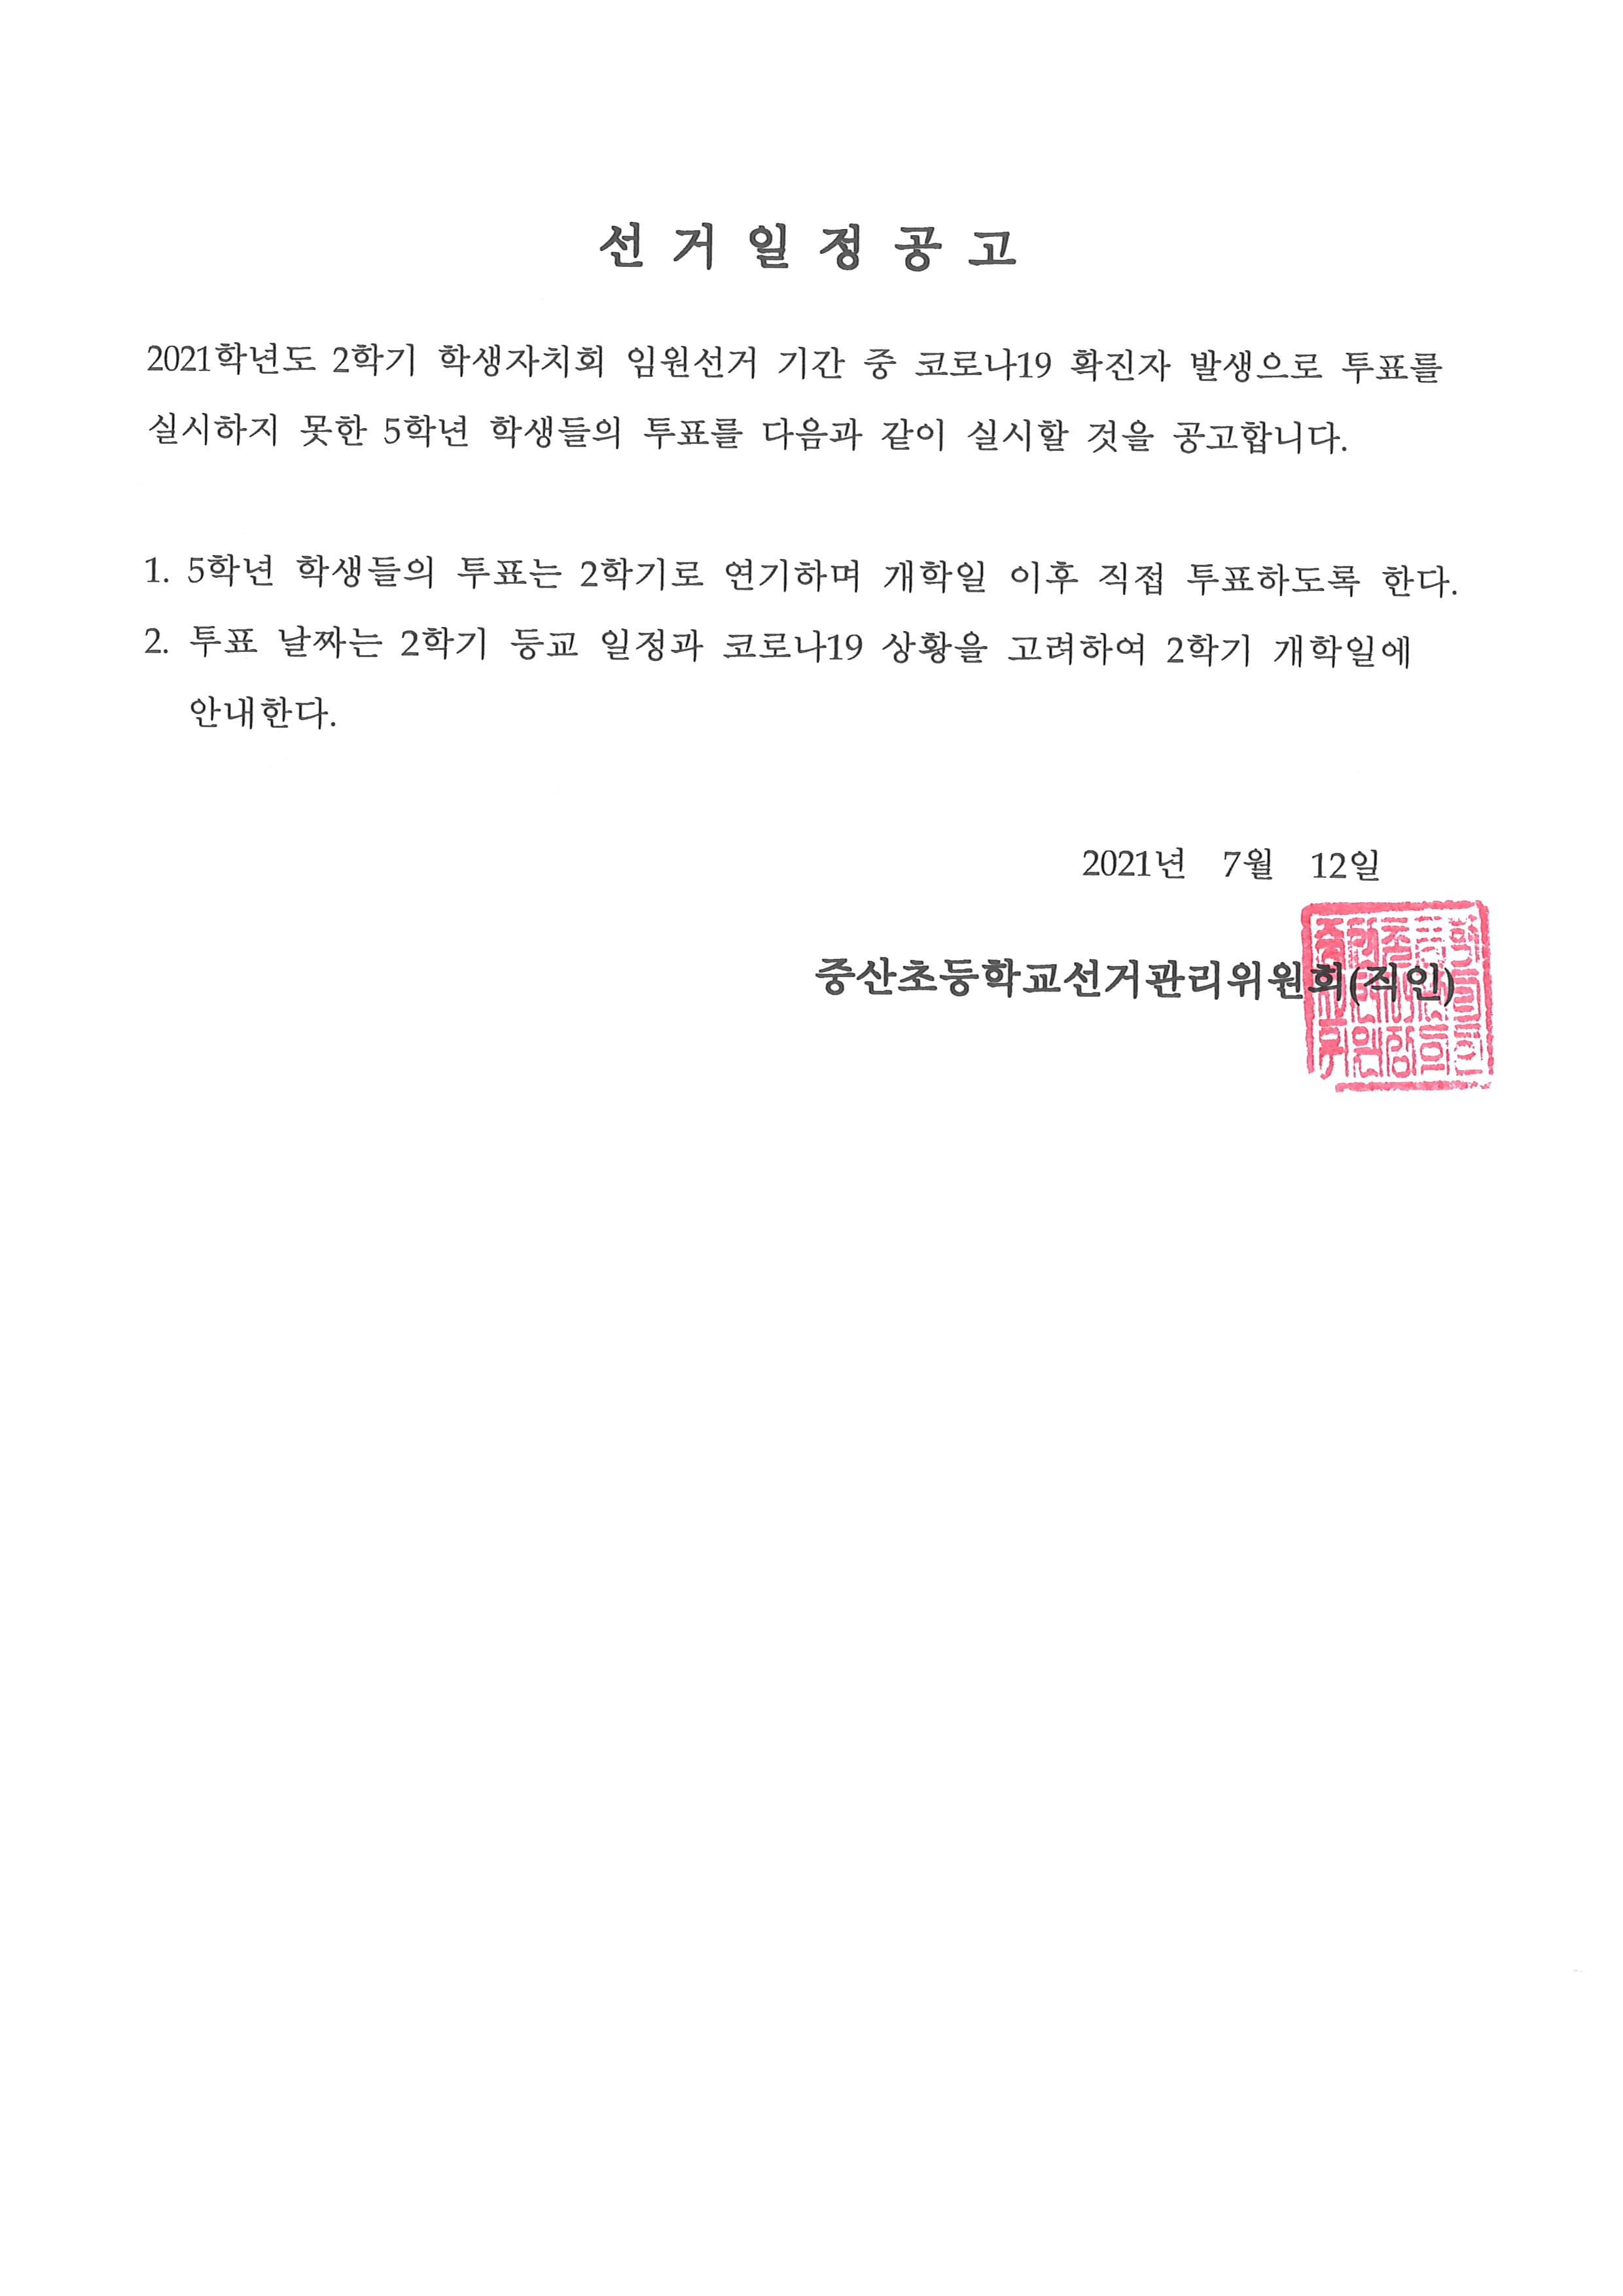 [일반] 선거일정 변경 공고의 첨부이미지 1